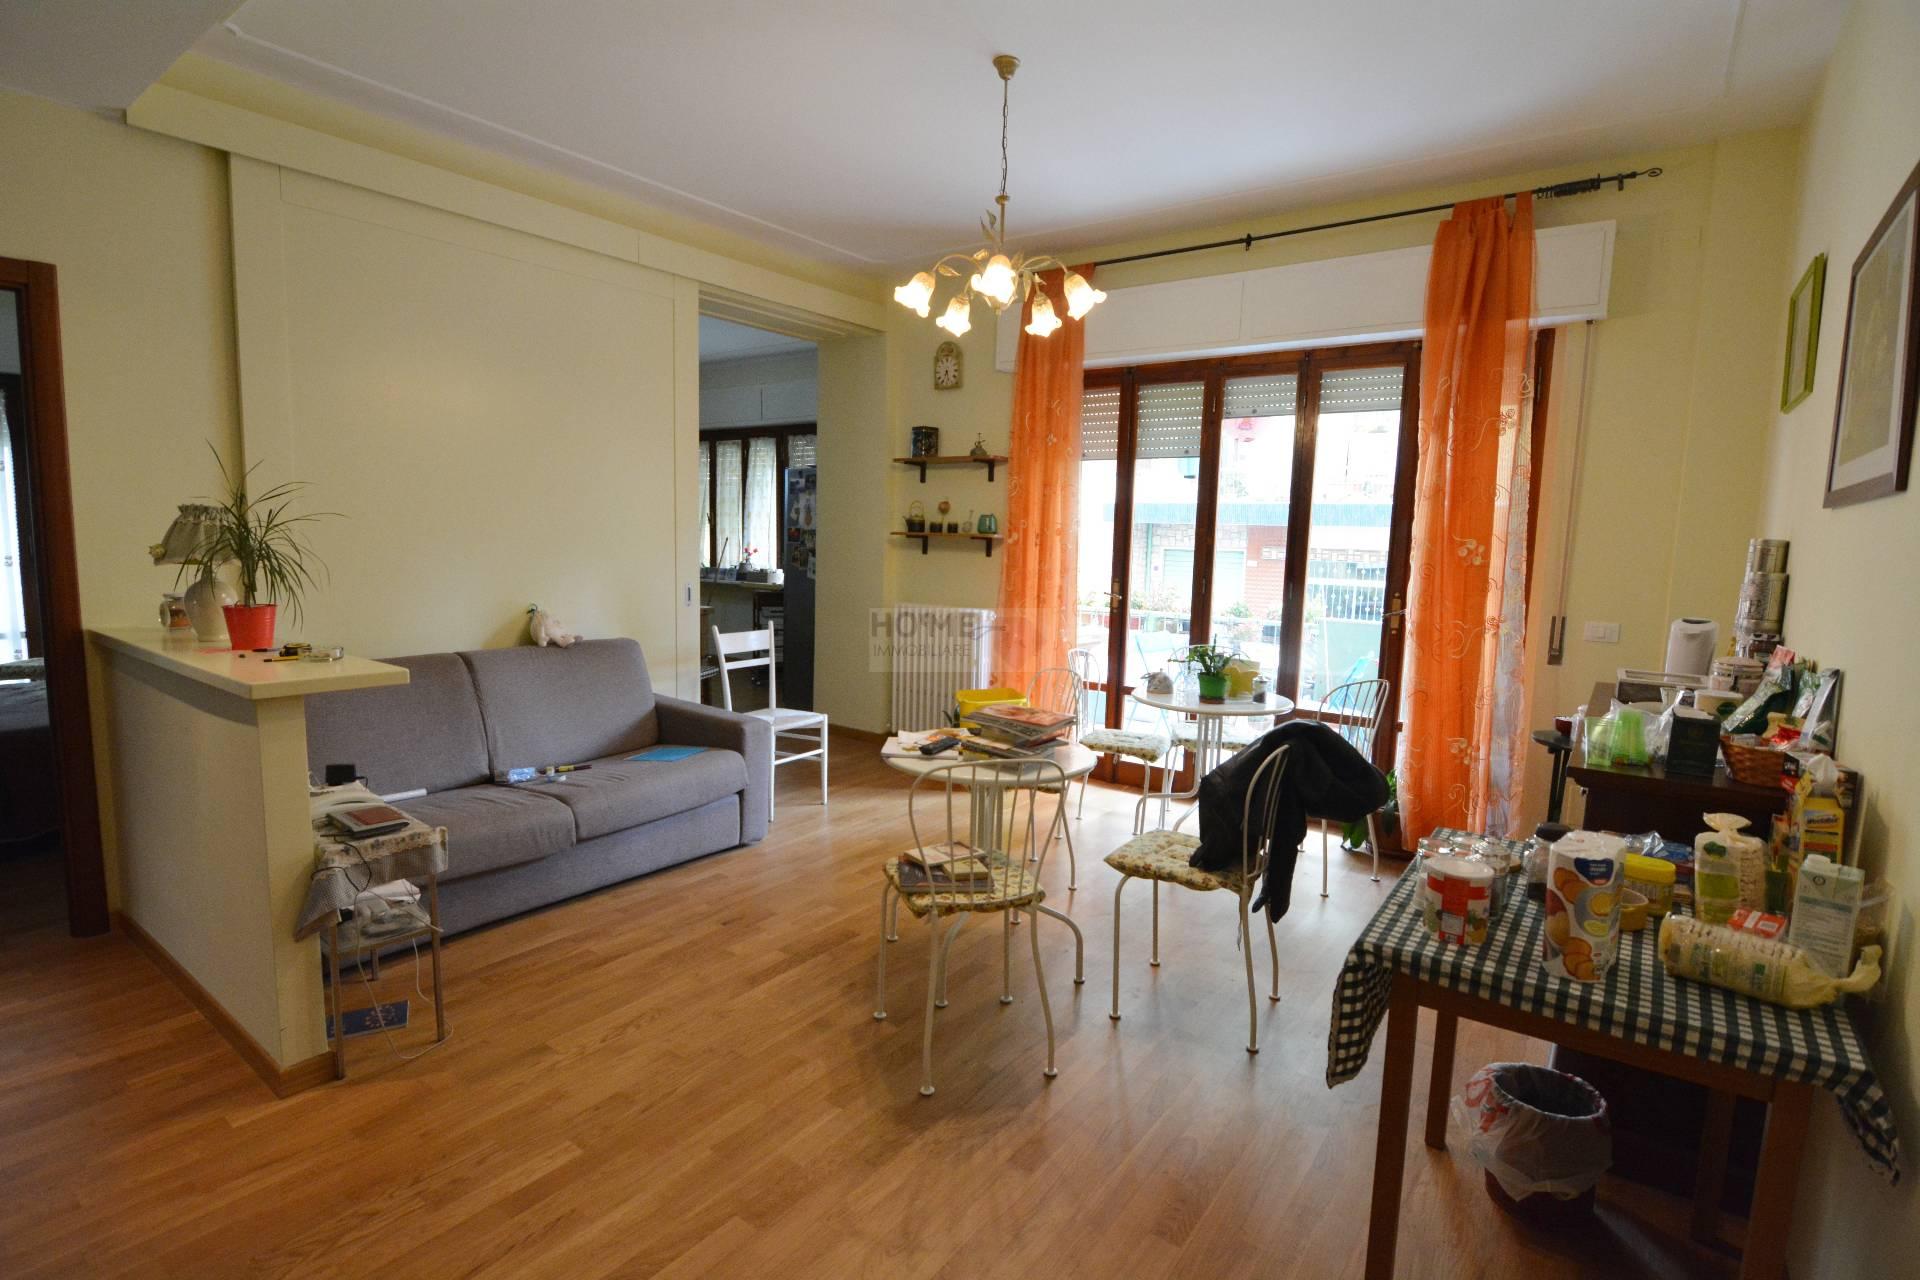 Appartamento in vendita a Macerata, 7 locali, zona Località: ZonaCentrale, prezzo € 180.000 | Cambio Casa.it